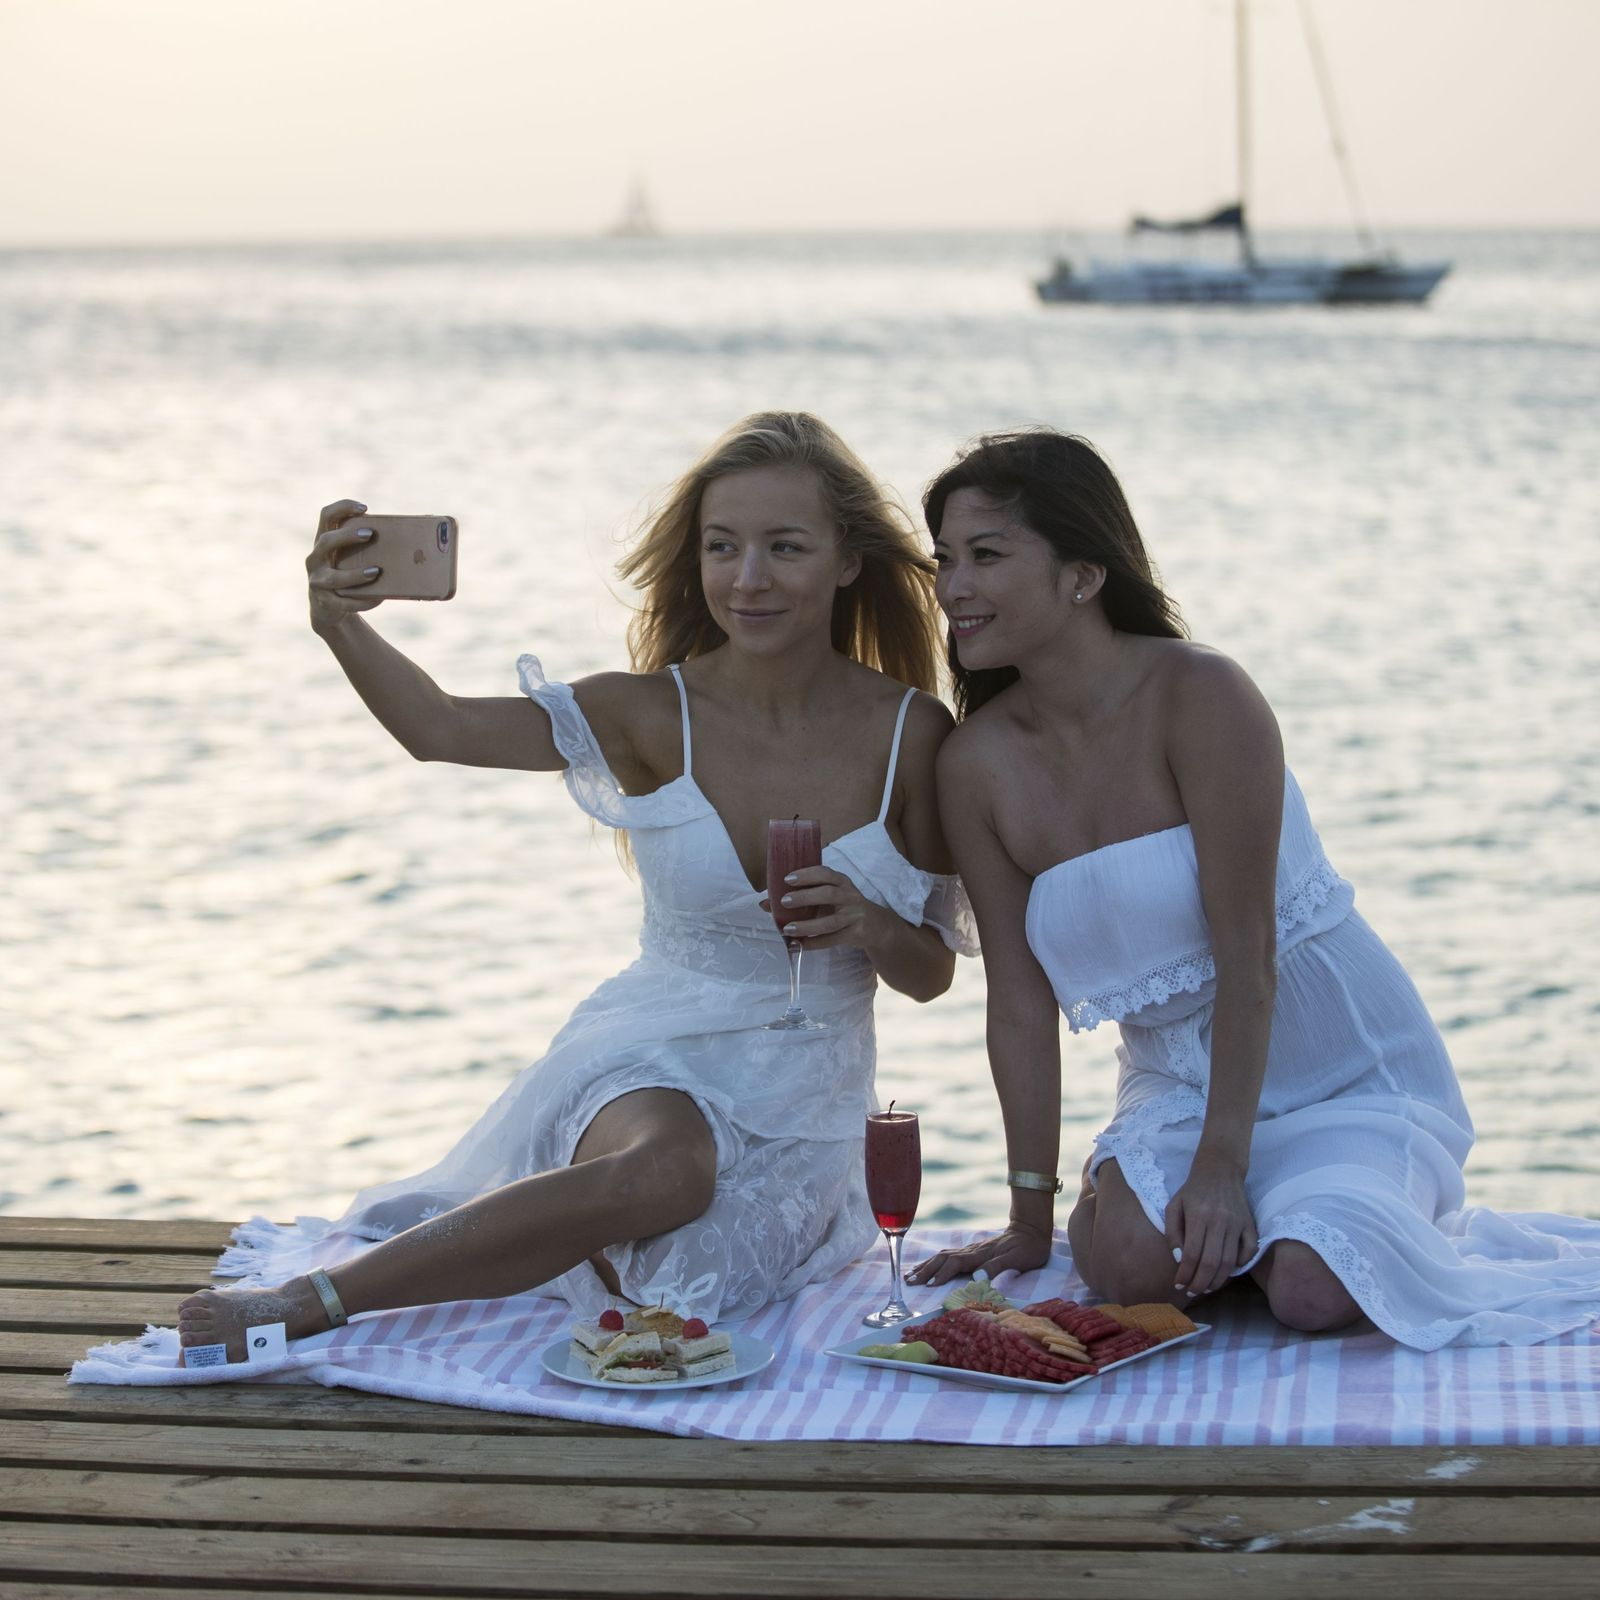 La influencer Travel In Her Shoes viaje a Aruba con amigos